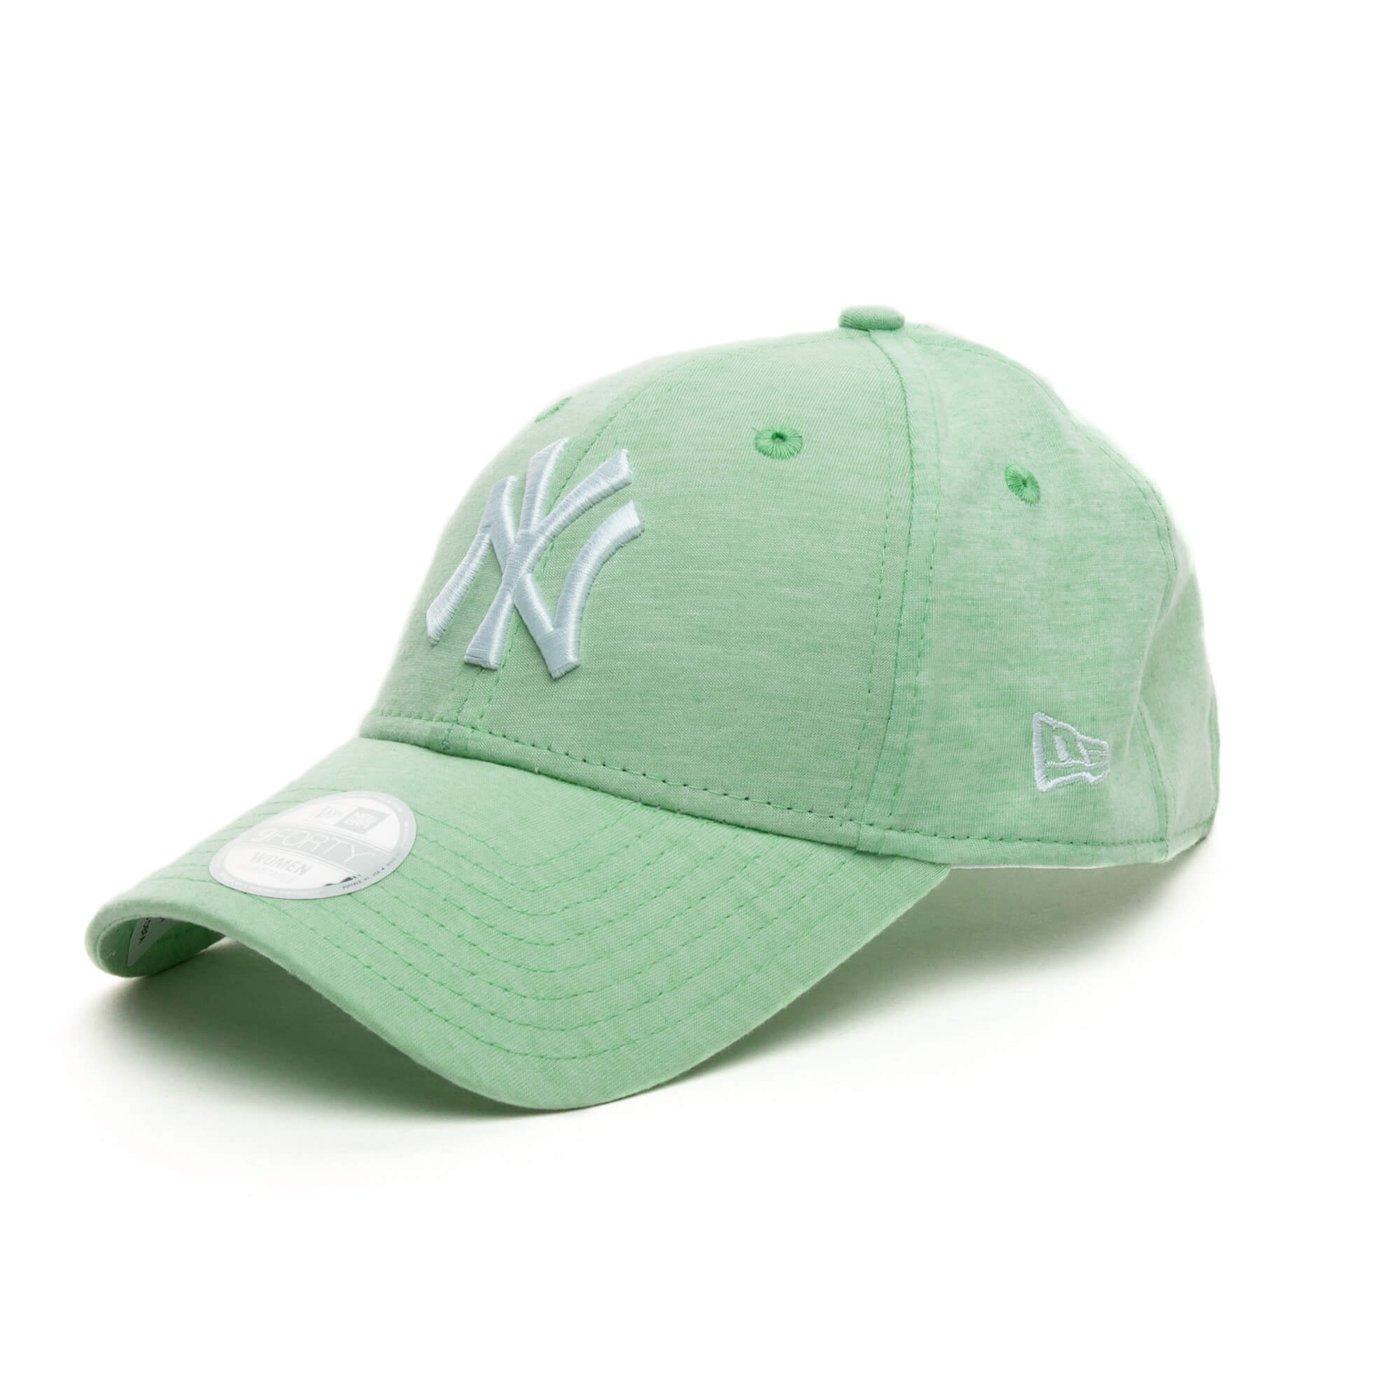 New Era New York Yankees Kadın Yeşil Şapka